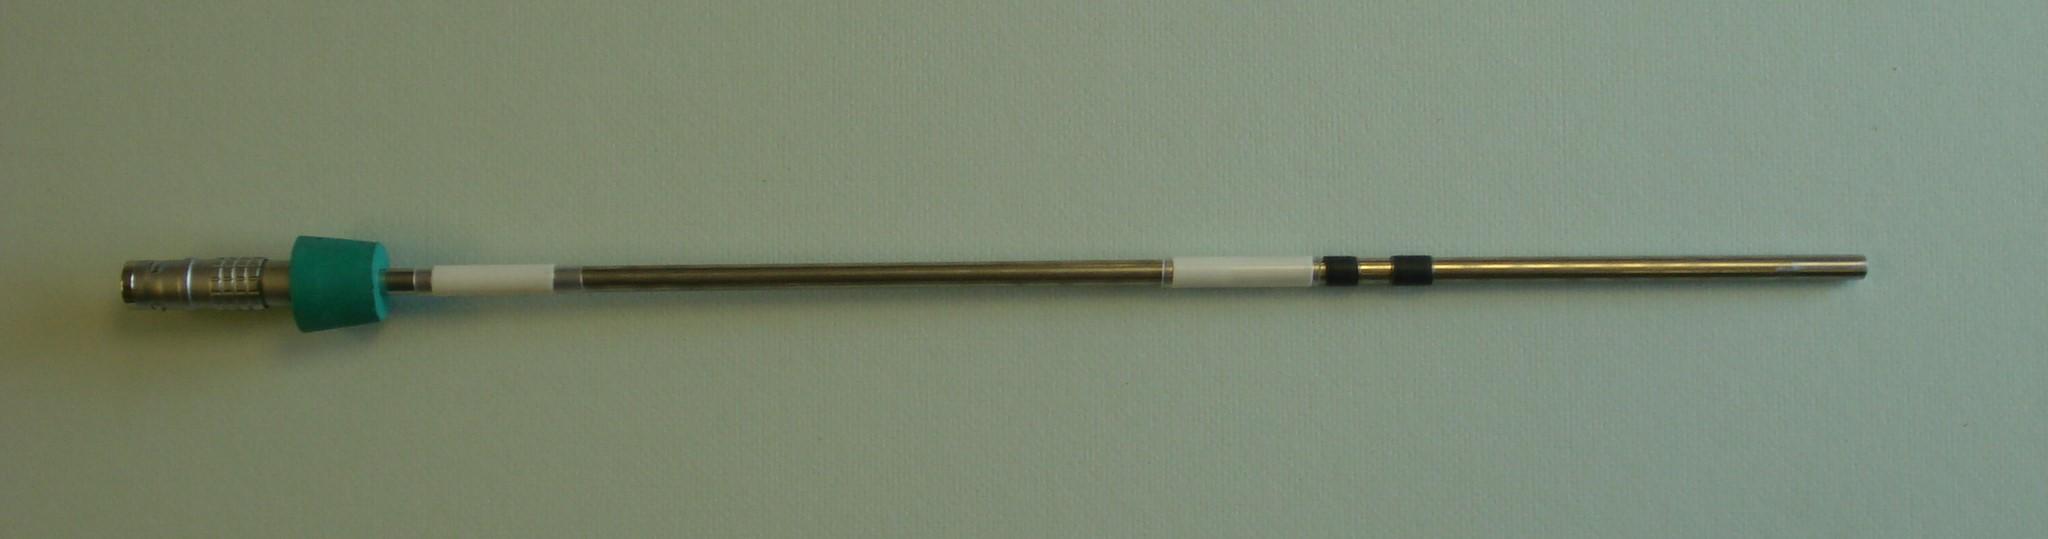 15.5 inch RTD